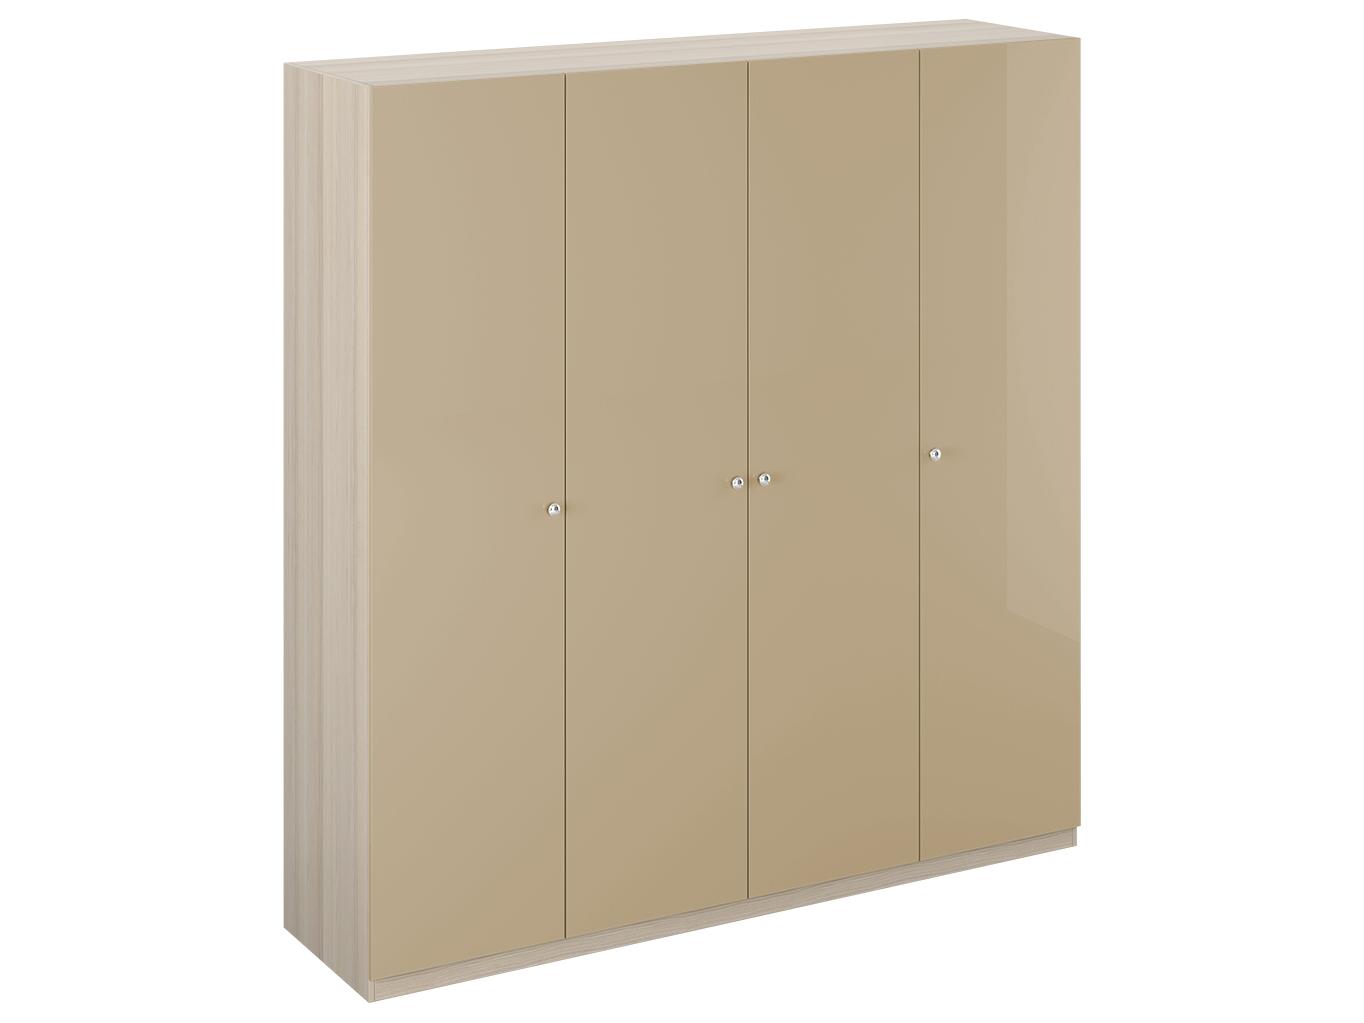 Шкаф UnoПлатяные шкафы<br>&amp;lt;div&amp;gt;Шкаф четырехдверный состоит их трёх отделений. В центральном отделении расположены две полки&amp;amp;nbsp; и штанга для одежды. В правом отделении - 5 полок. В левом - 3 полки и штанга для одежды. На одной дверце шкафа с внутренней стороны расположено зеркало. Шкаф установлен на регулируемые опоры. Данную мебель рекомендуется крепить к стене. Ручки продаются отдельно, не входят в стоимость изделия.&amp;lt;/div&amp;gt;&amp;lt;div&amp;gt;&amp;lt;br&amp;gt;&amp;lt;/div&amp;gt;&amp;lt;div&amp;gt;Материалы:&amp;lt;/div&amp;gt;&amp;lt;div&amp;gt;Корпус: ЛДСП 16 мм цвет Ясень Коимбра&amp;lt;/div&amp;gt;&amp;lt;div&amp;gt;Фасад: ЛДСП 16 мм&amp;lt;/div&amp;gt;<br><br>Material: ДСП<br>Ширина см: 219<br>Высота см: 232<br>Глубина см: 59